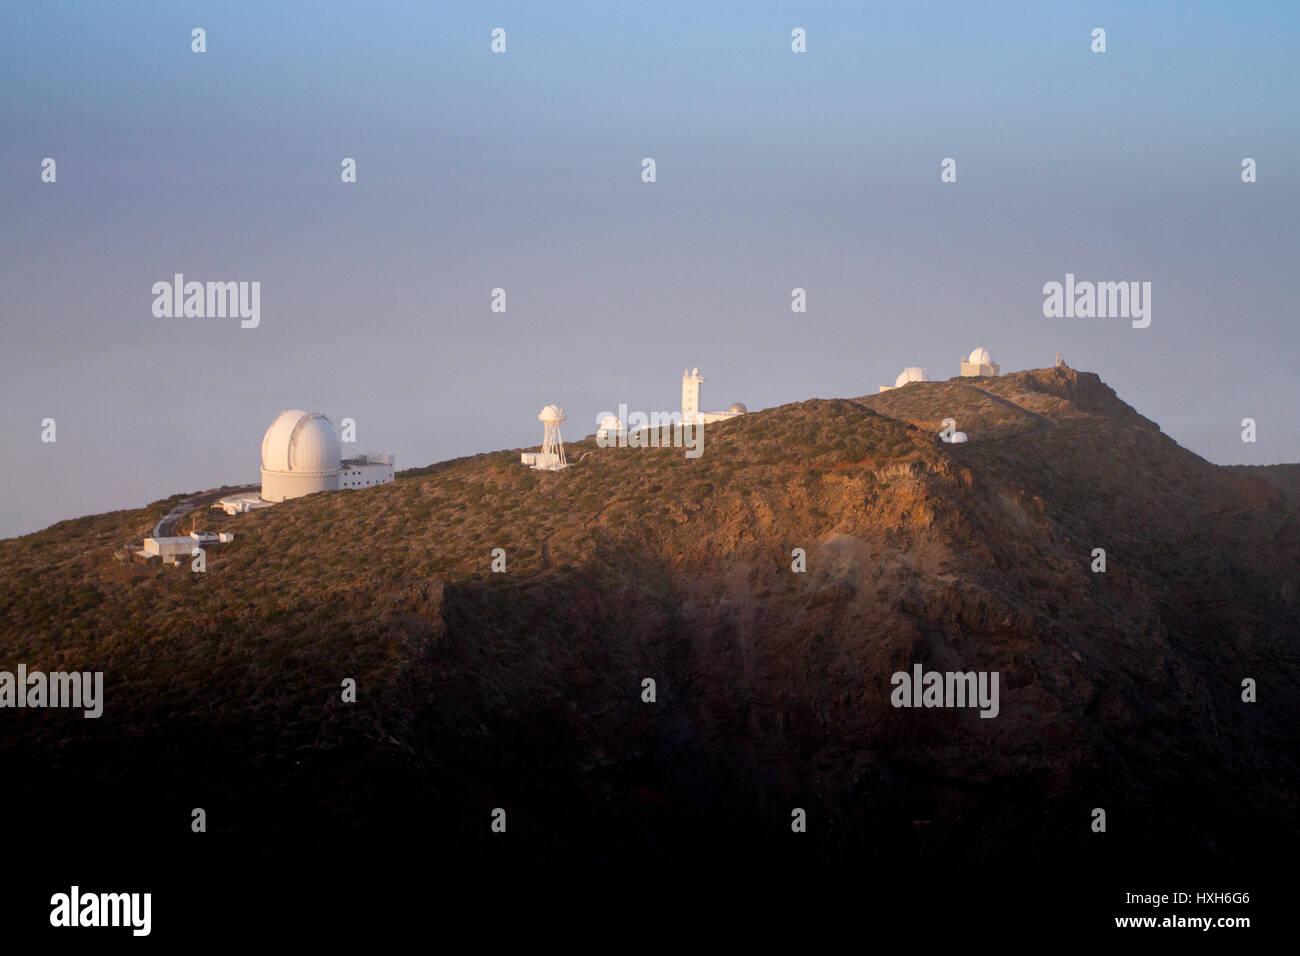 Sternwarte von La Palma, Kanarische Inseln Stockbild